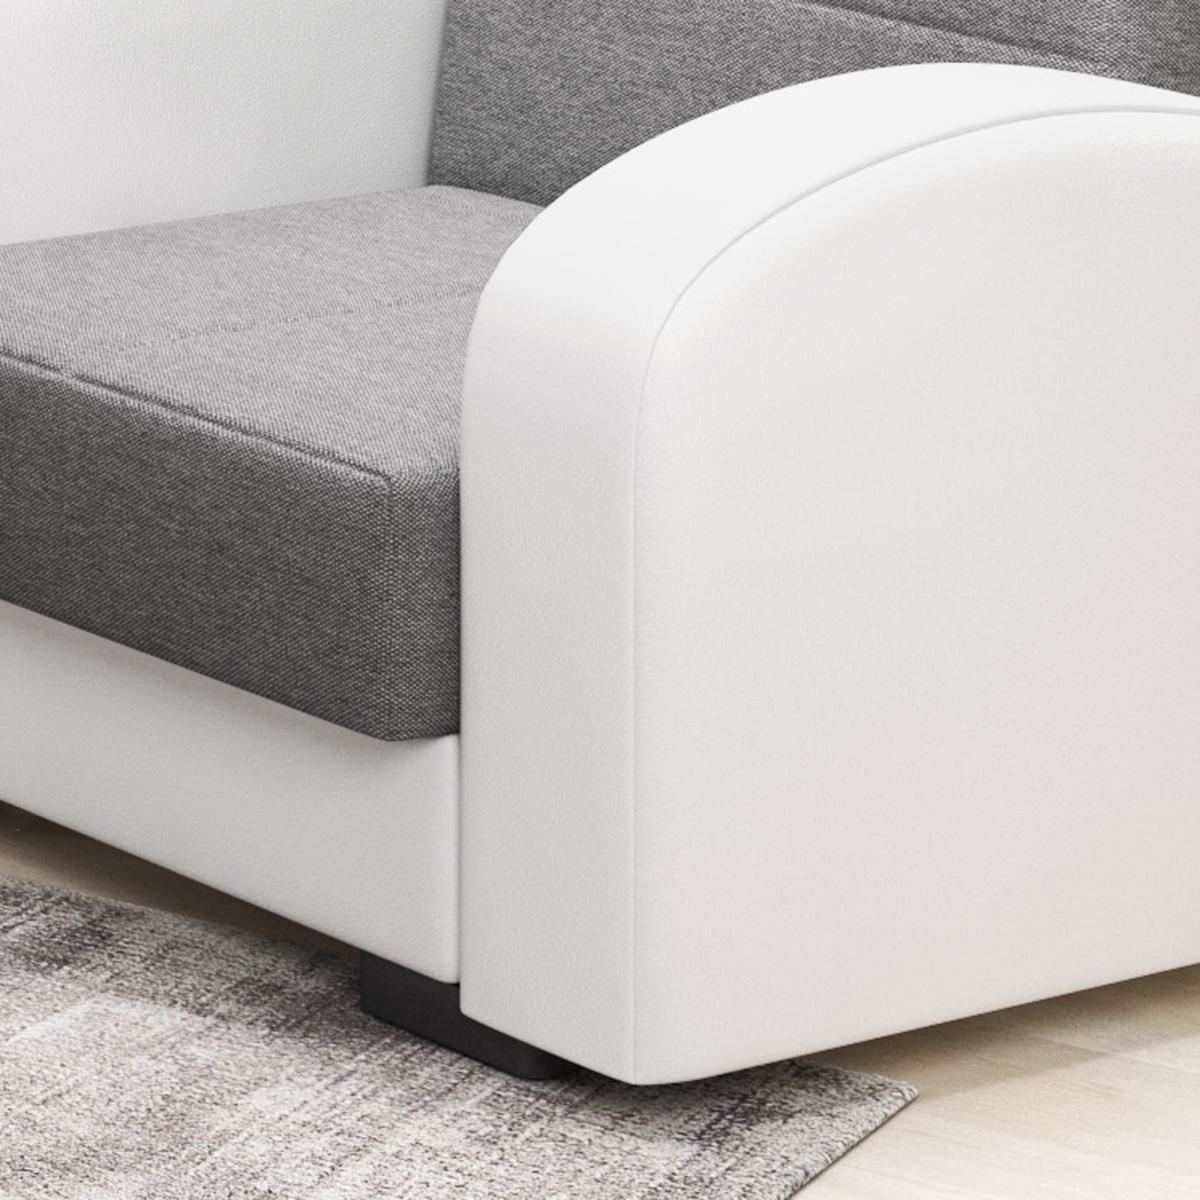 Bild 5 von IHG 3-2-1 Sofa Set Vera anthrazit Armlehne weiss Sofa mit Schlaffunktion und Bettkasten